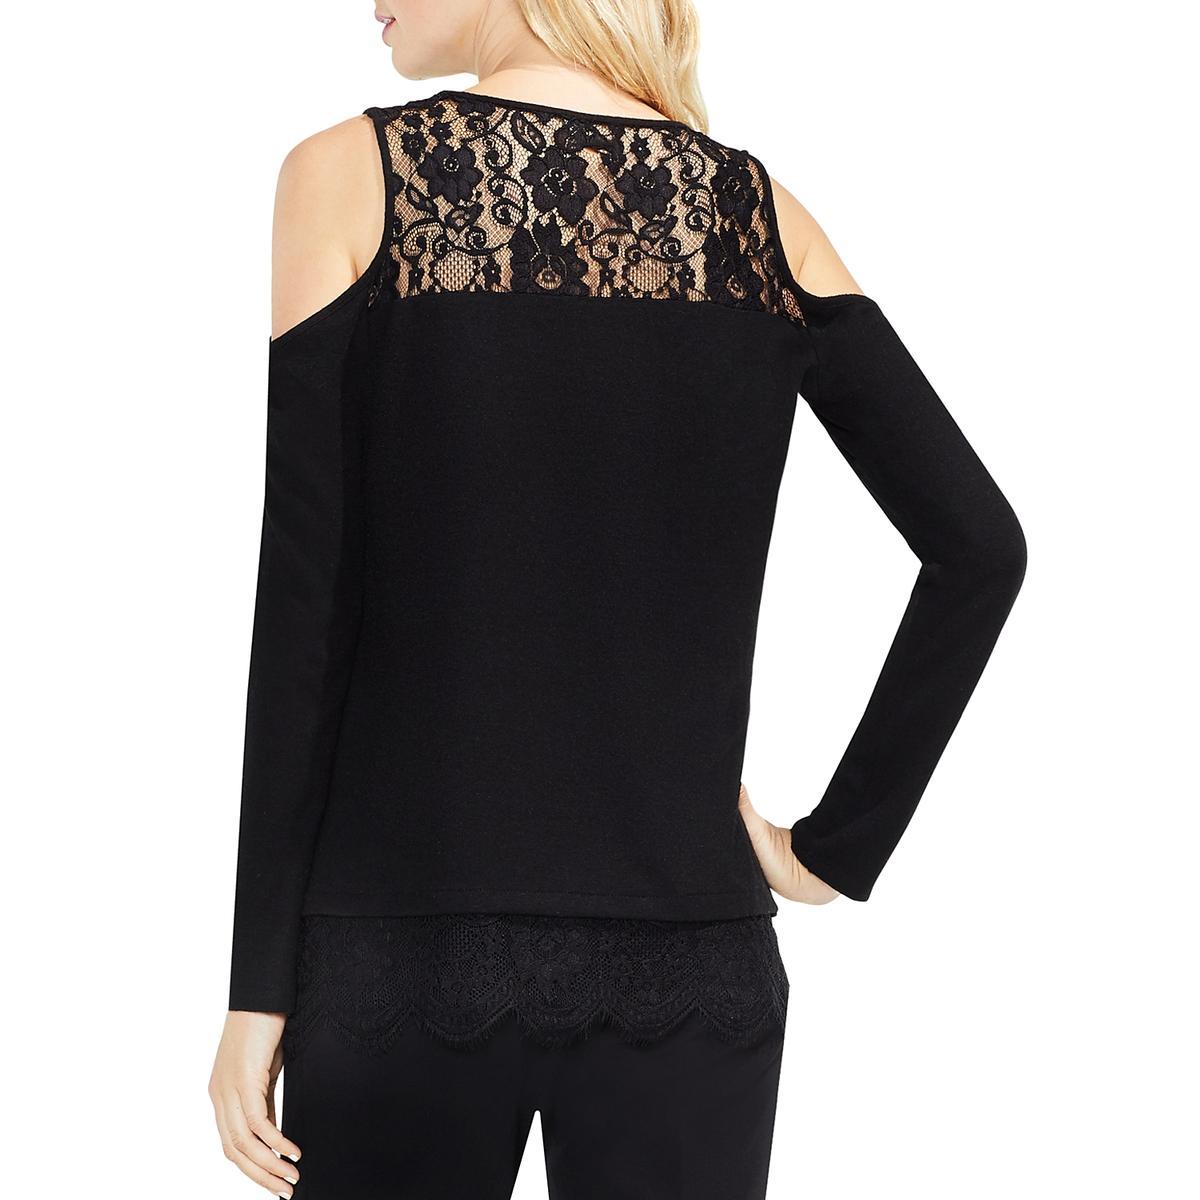 1e3a41a63d757 Details about Vince Camuto Womens Open Shoulder Knit Lace Dress Top Blouse  BHFO 4522